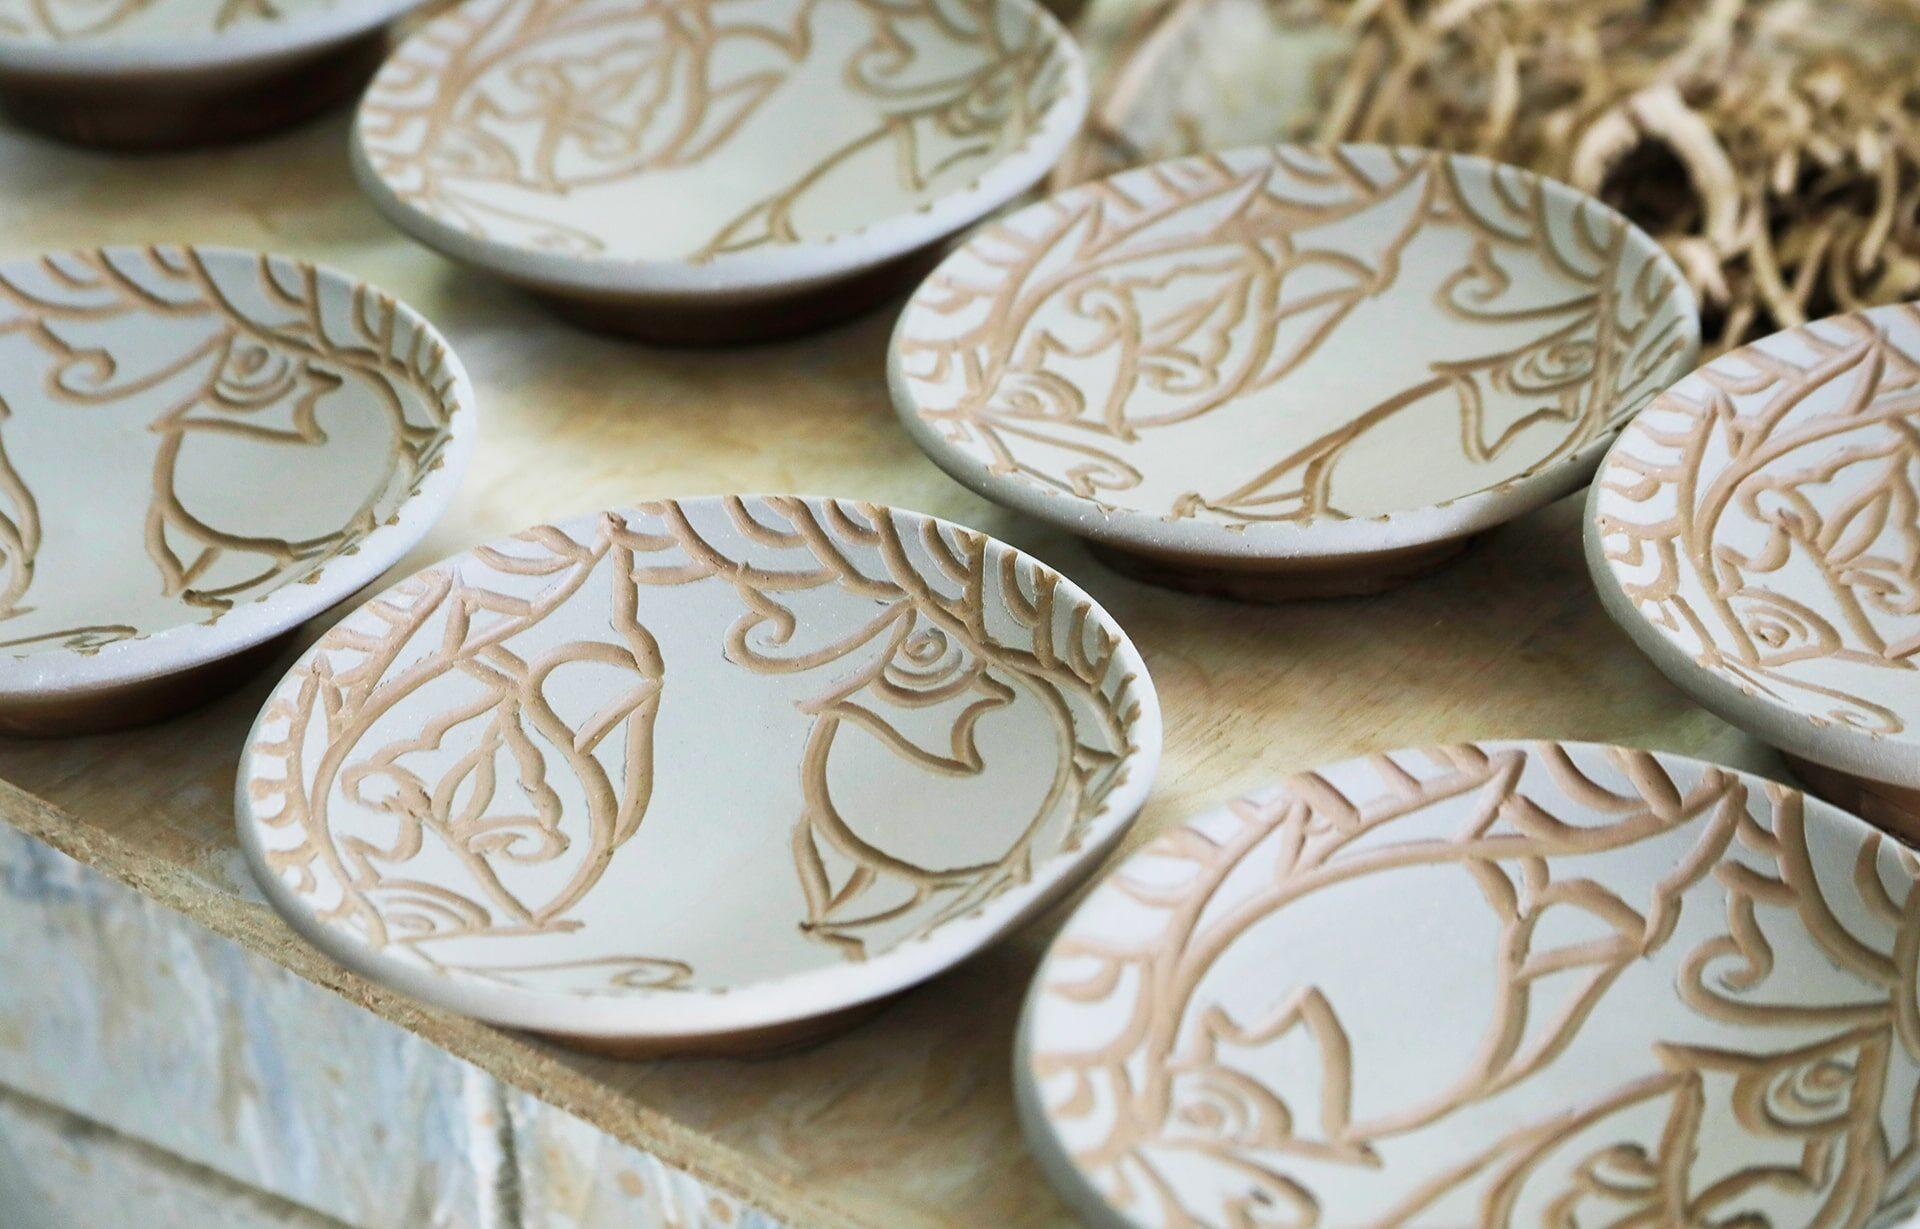 清正陶器壺屋窯の作品窯出し